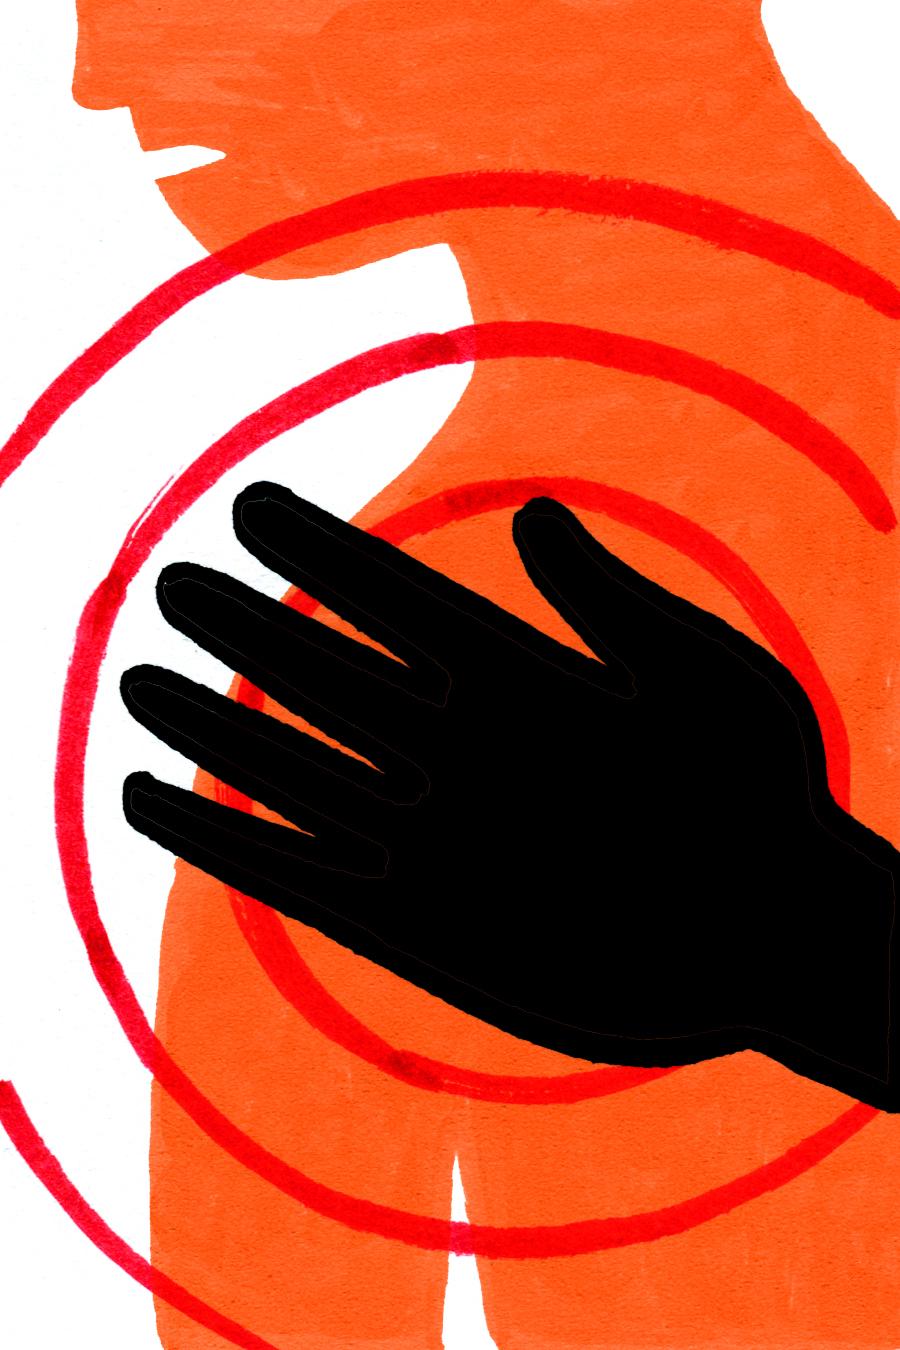 touch-fill.jpg